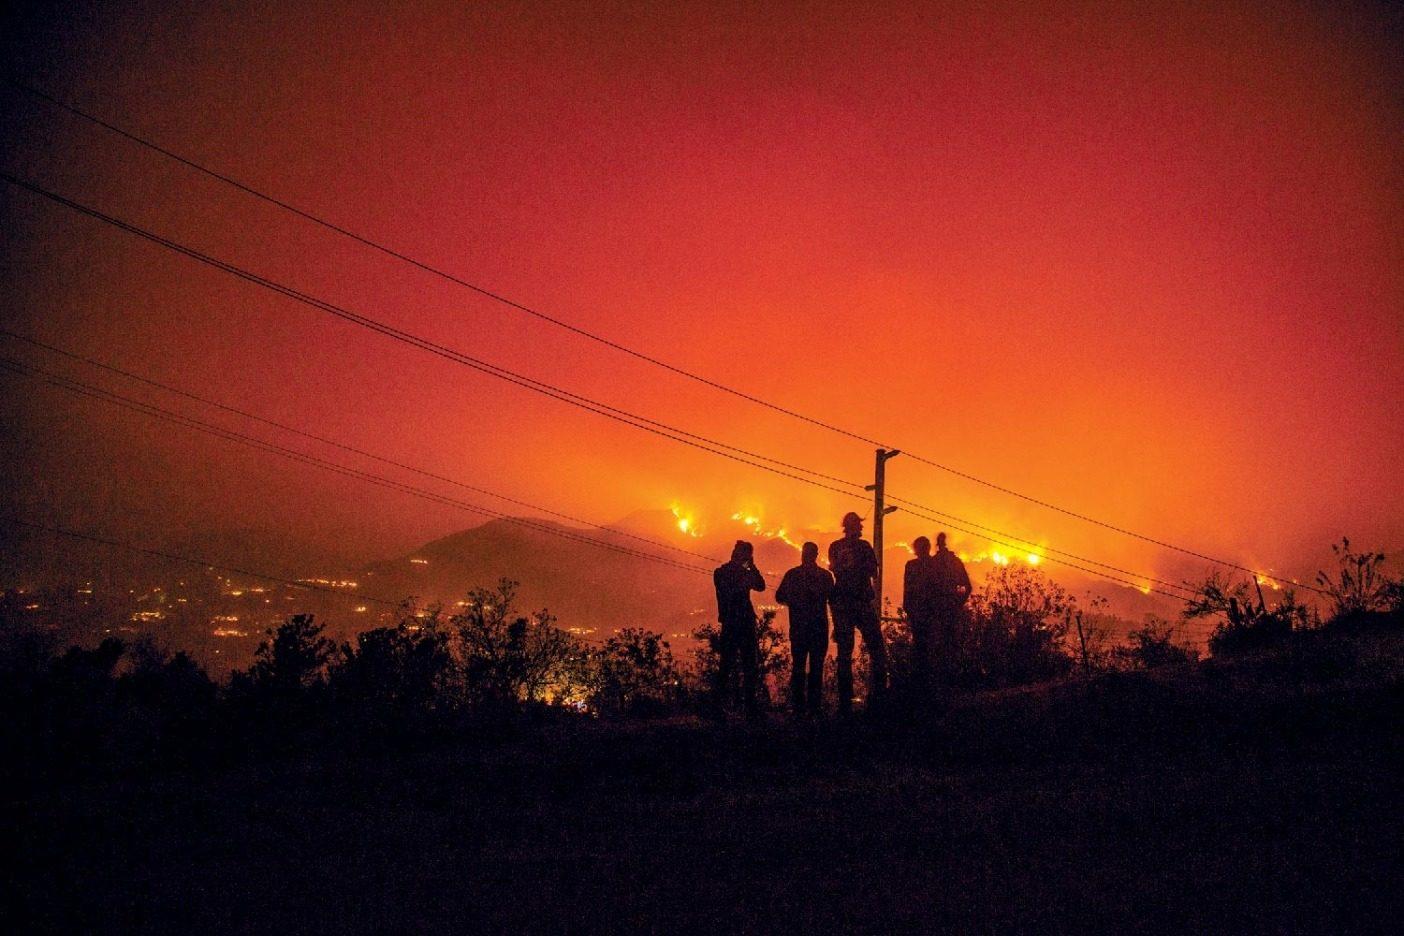 パタゴニア社員の居住、勤務、行楽など、その生活すべてに影響を与えるベンチュラ市とサンタバーバラ郡における2017年のトーマス山火事の光景。パタゴニアの社員5人が火災で家を失い、ベンチュラの社員の約半数が何週間も避難勧告を受けた。Photo:Donnie Hedden